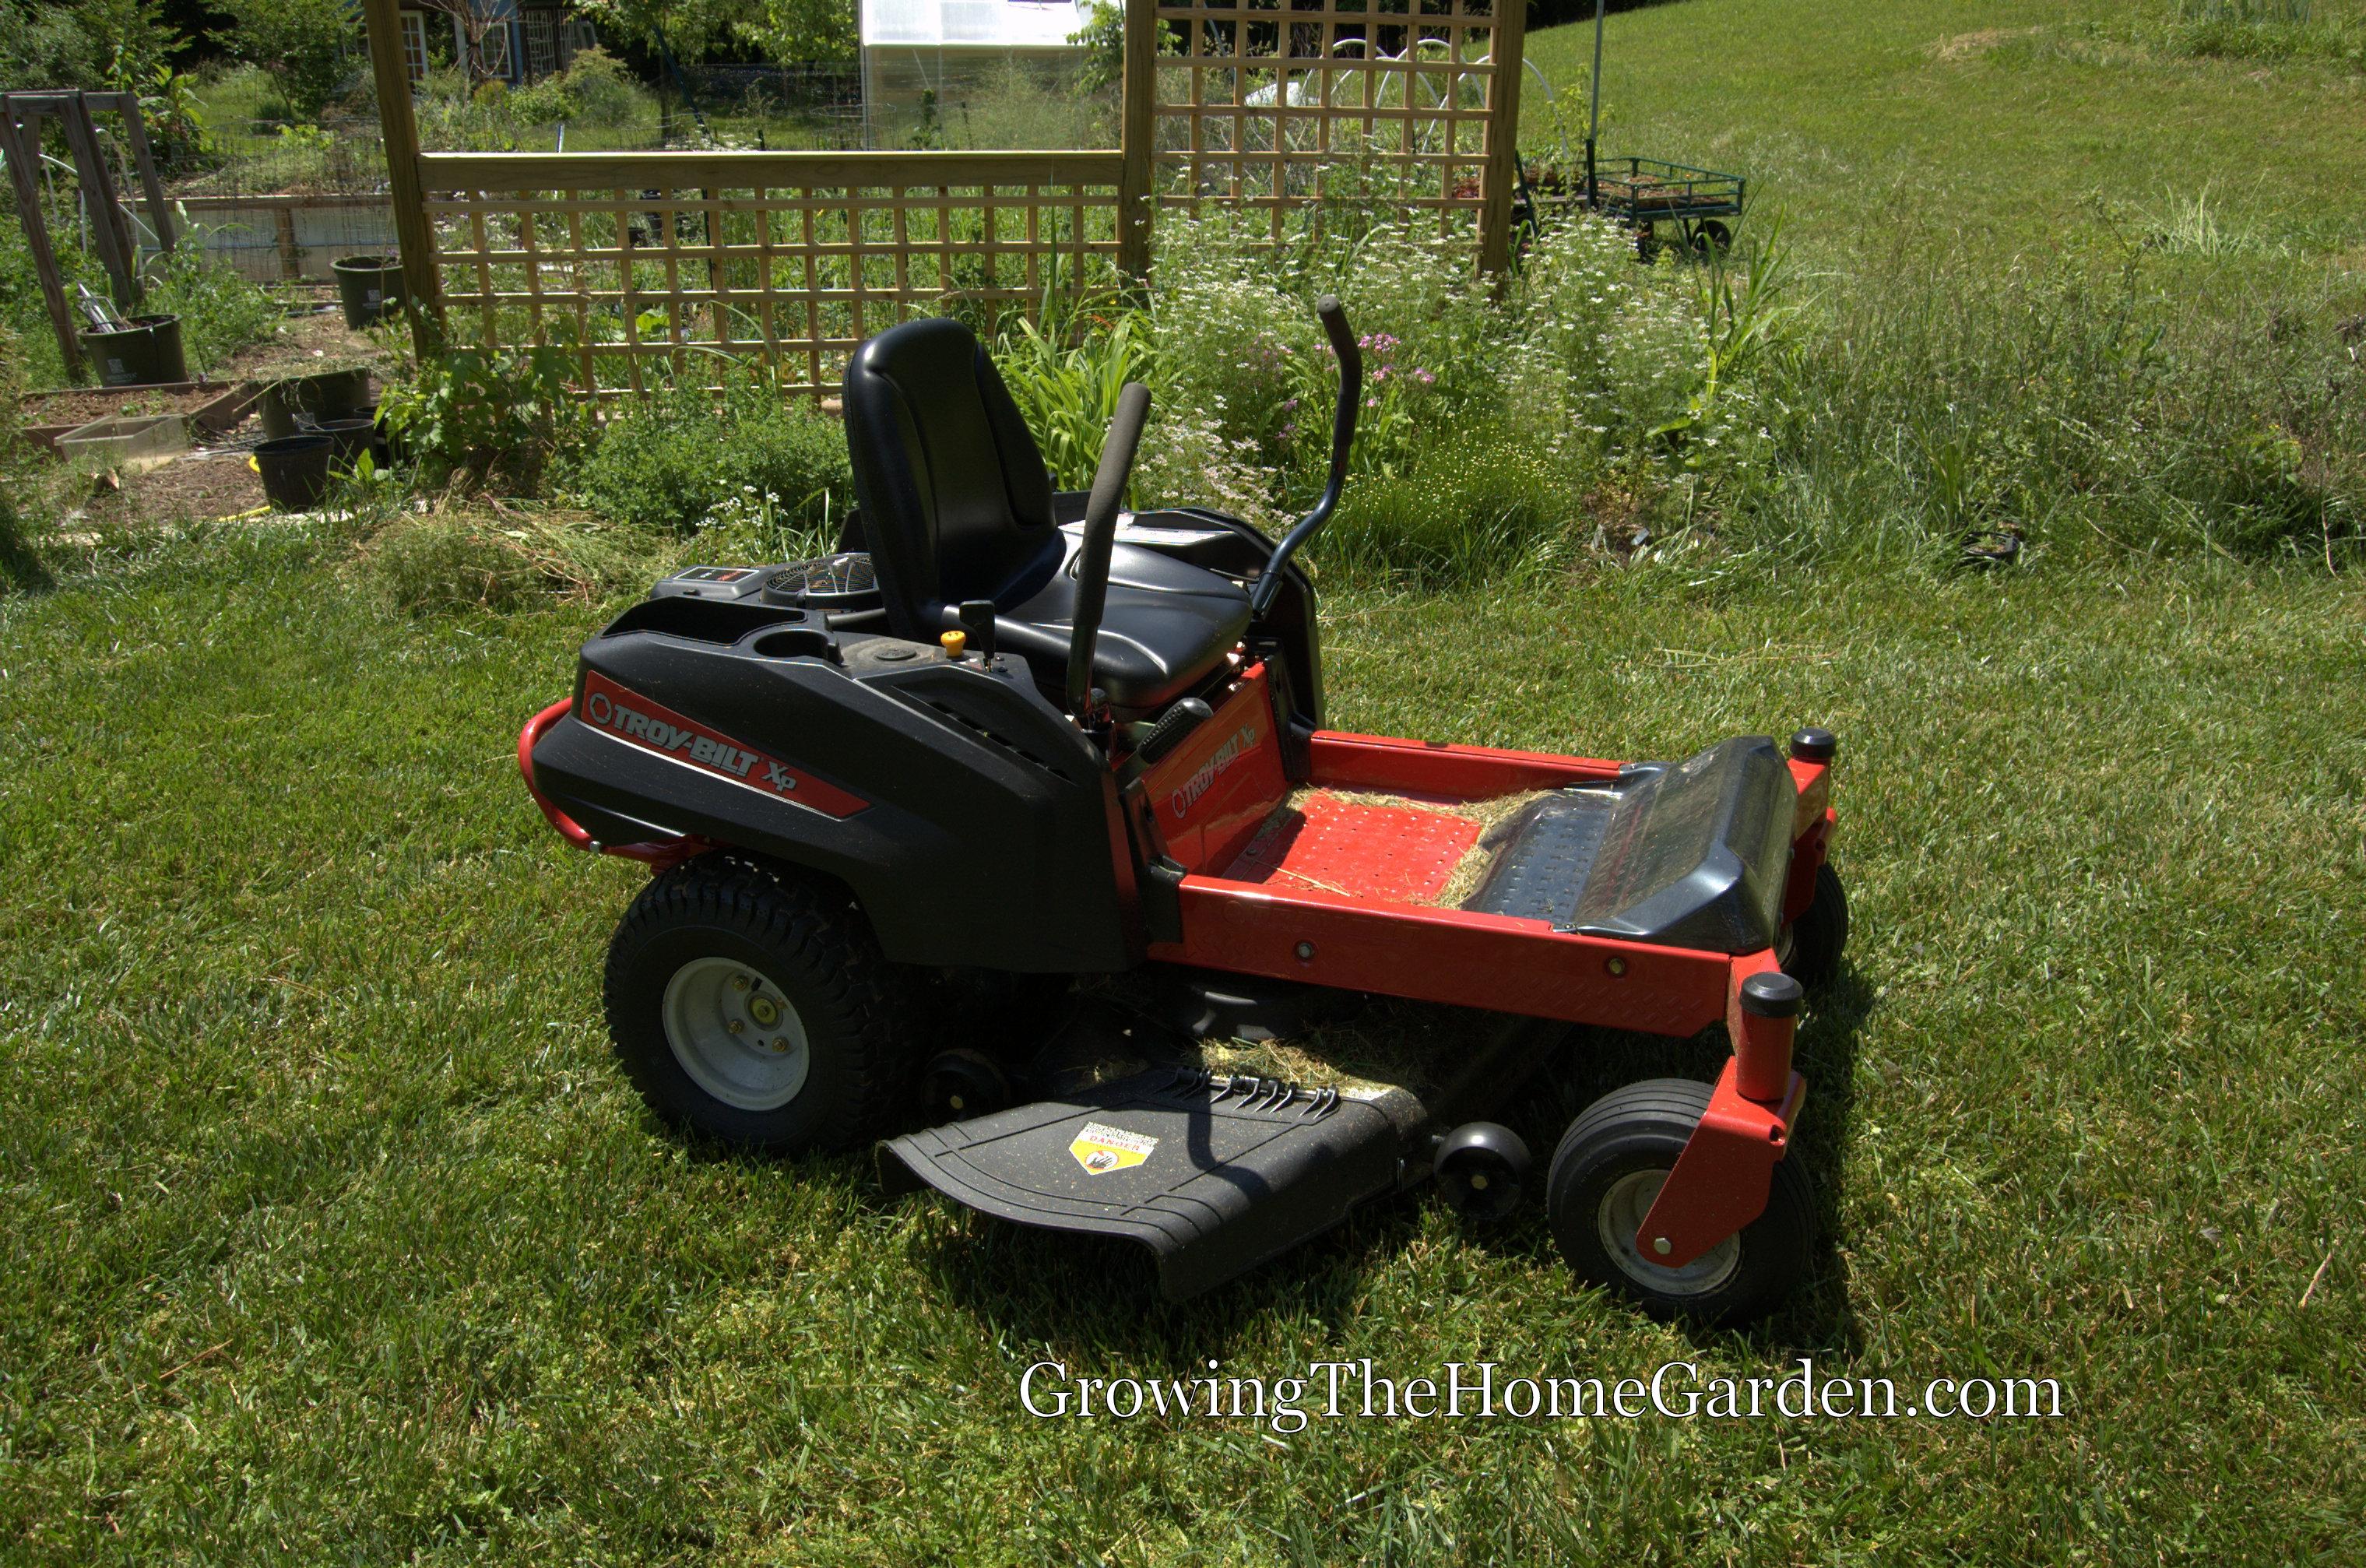 The Troy-Bilt RZT Mower – Growing The Home Garden